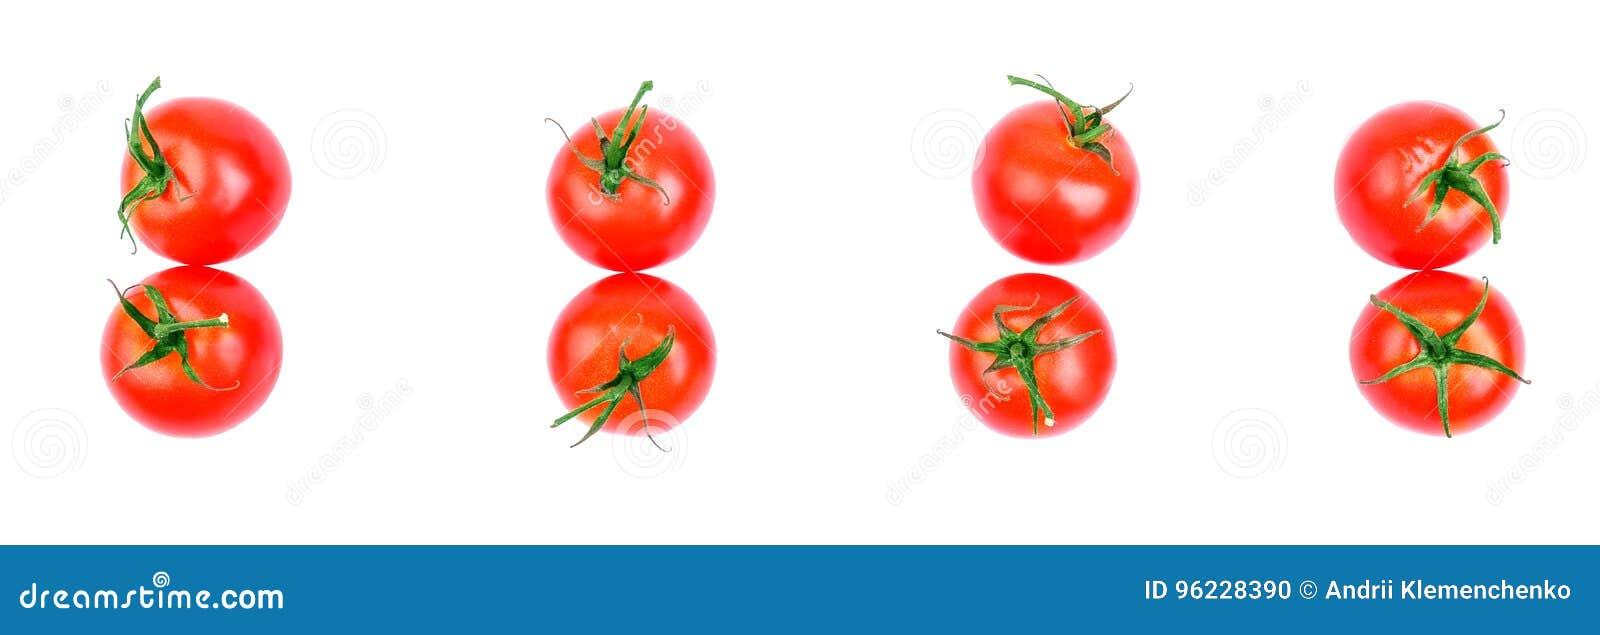 Σύνολο φρέσκων ντοματών, που απομονώνεται στο άσπρο υπόβαθρο, τοπ άποψης Μια ομάδα ντοματών με τα φύλλα για τη σαλάτα ντομάτες κή